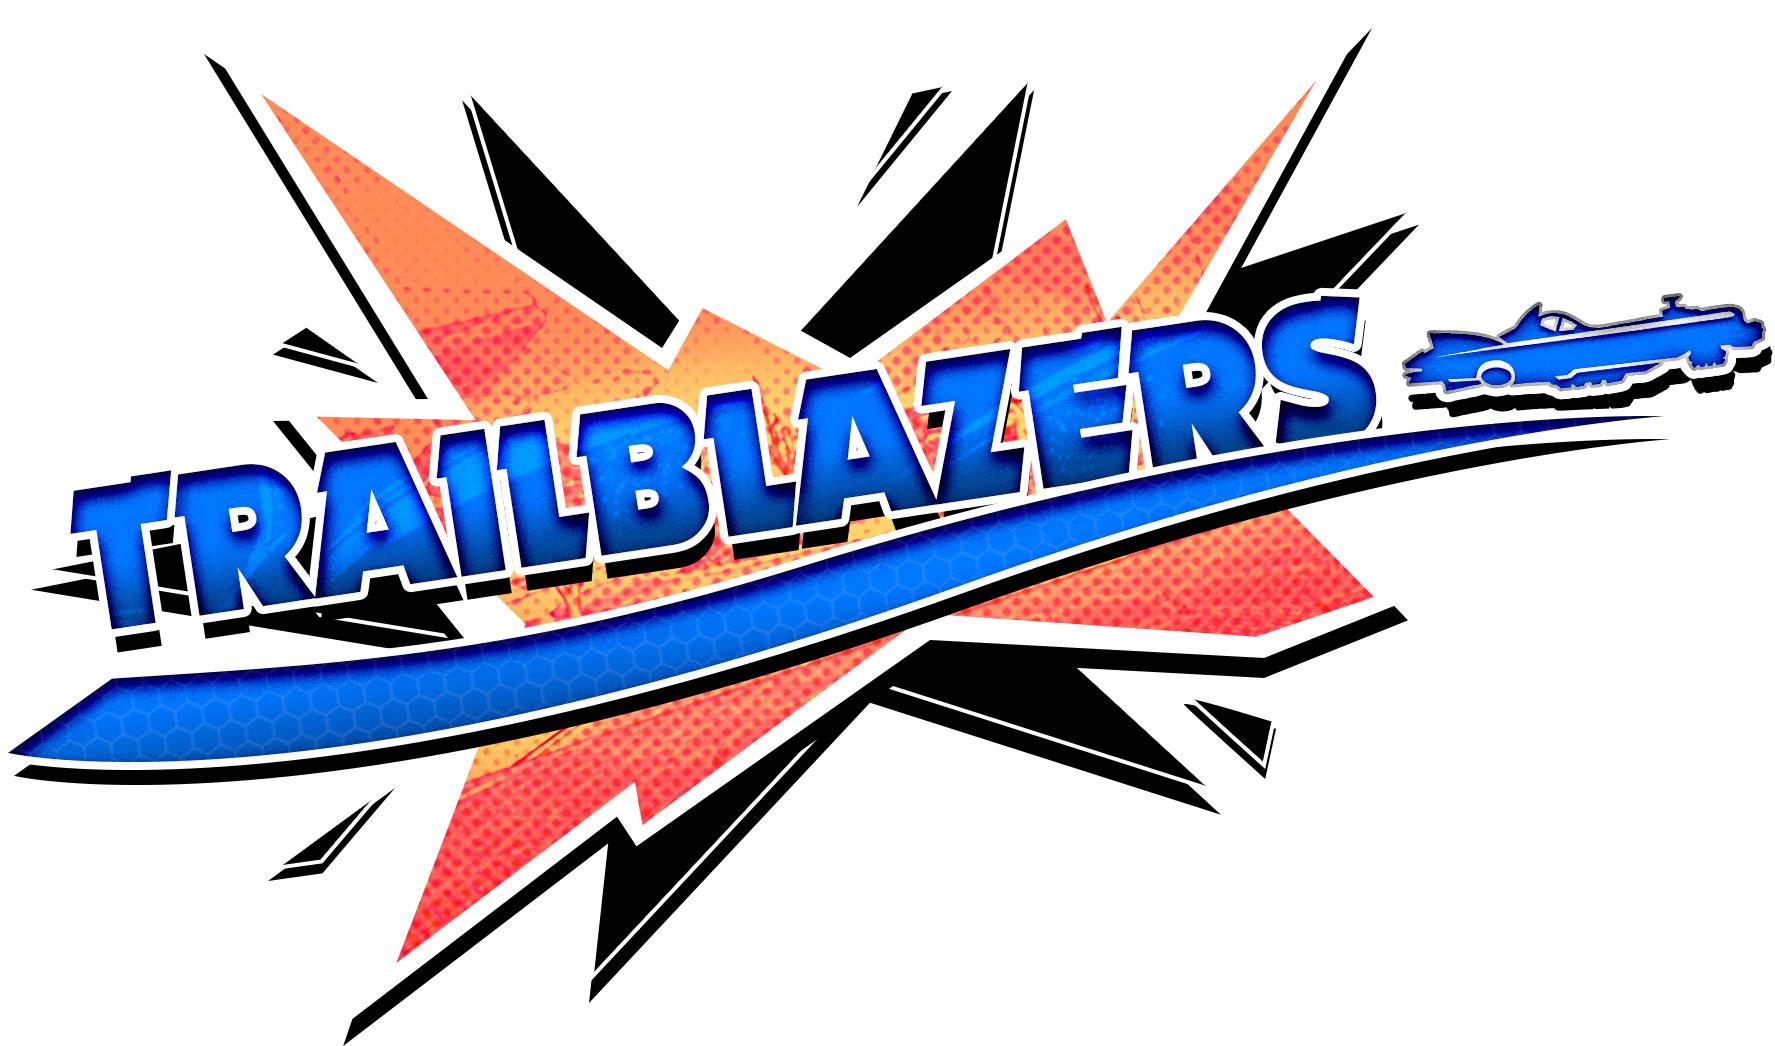 TrailblazersLatinLogo_020318_Web.jpg